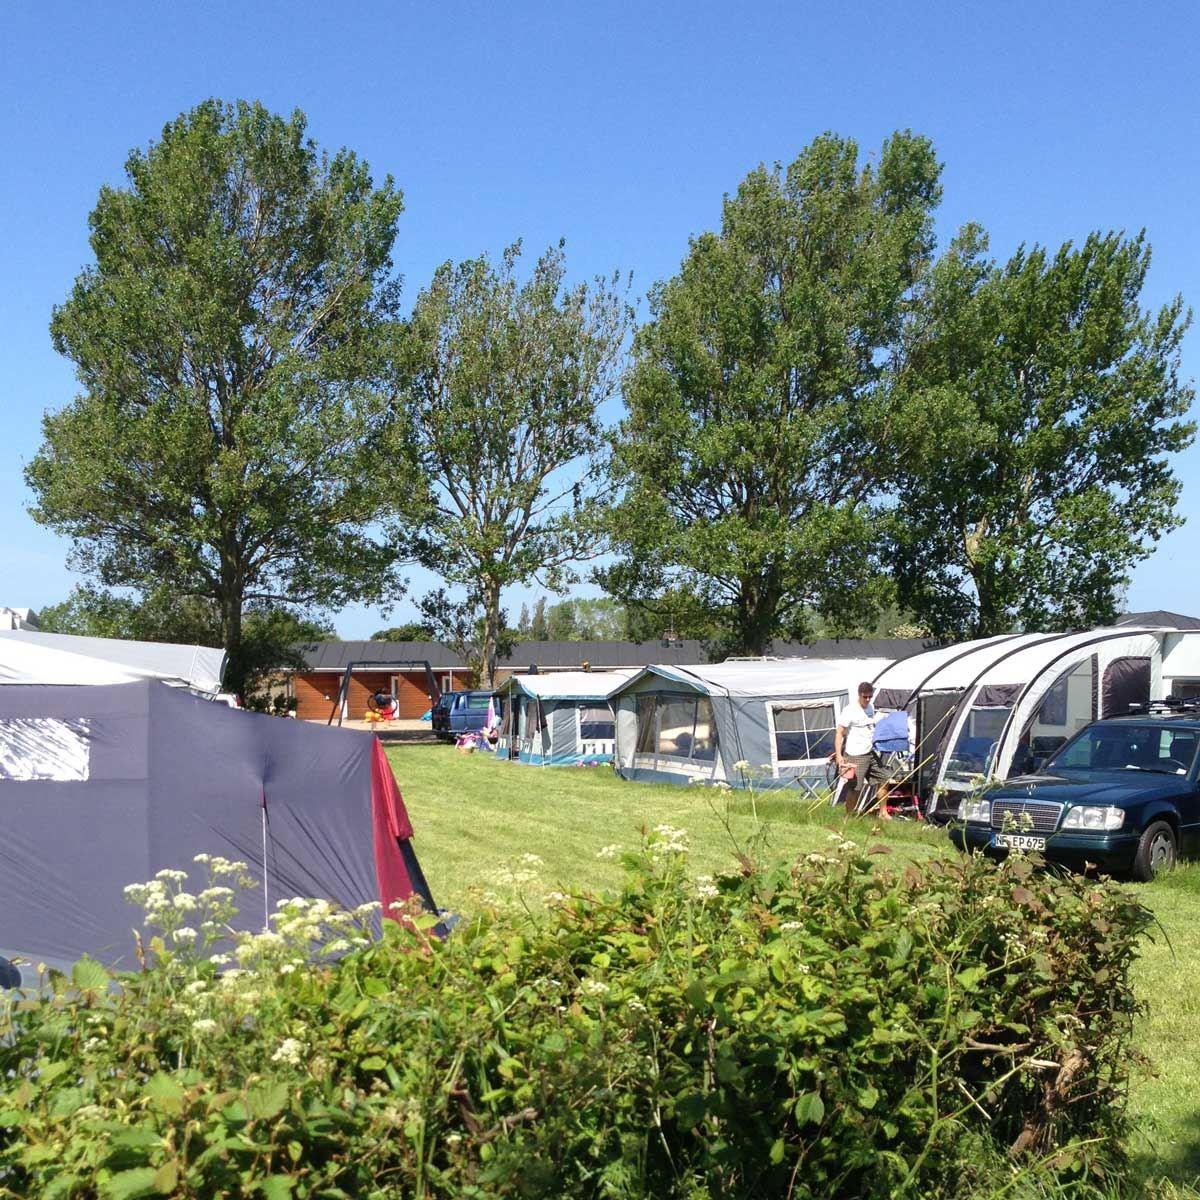 Universepackage at Drejby Strandcamping: in own caravan